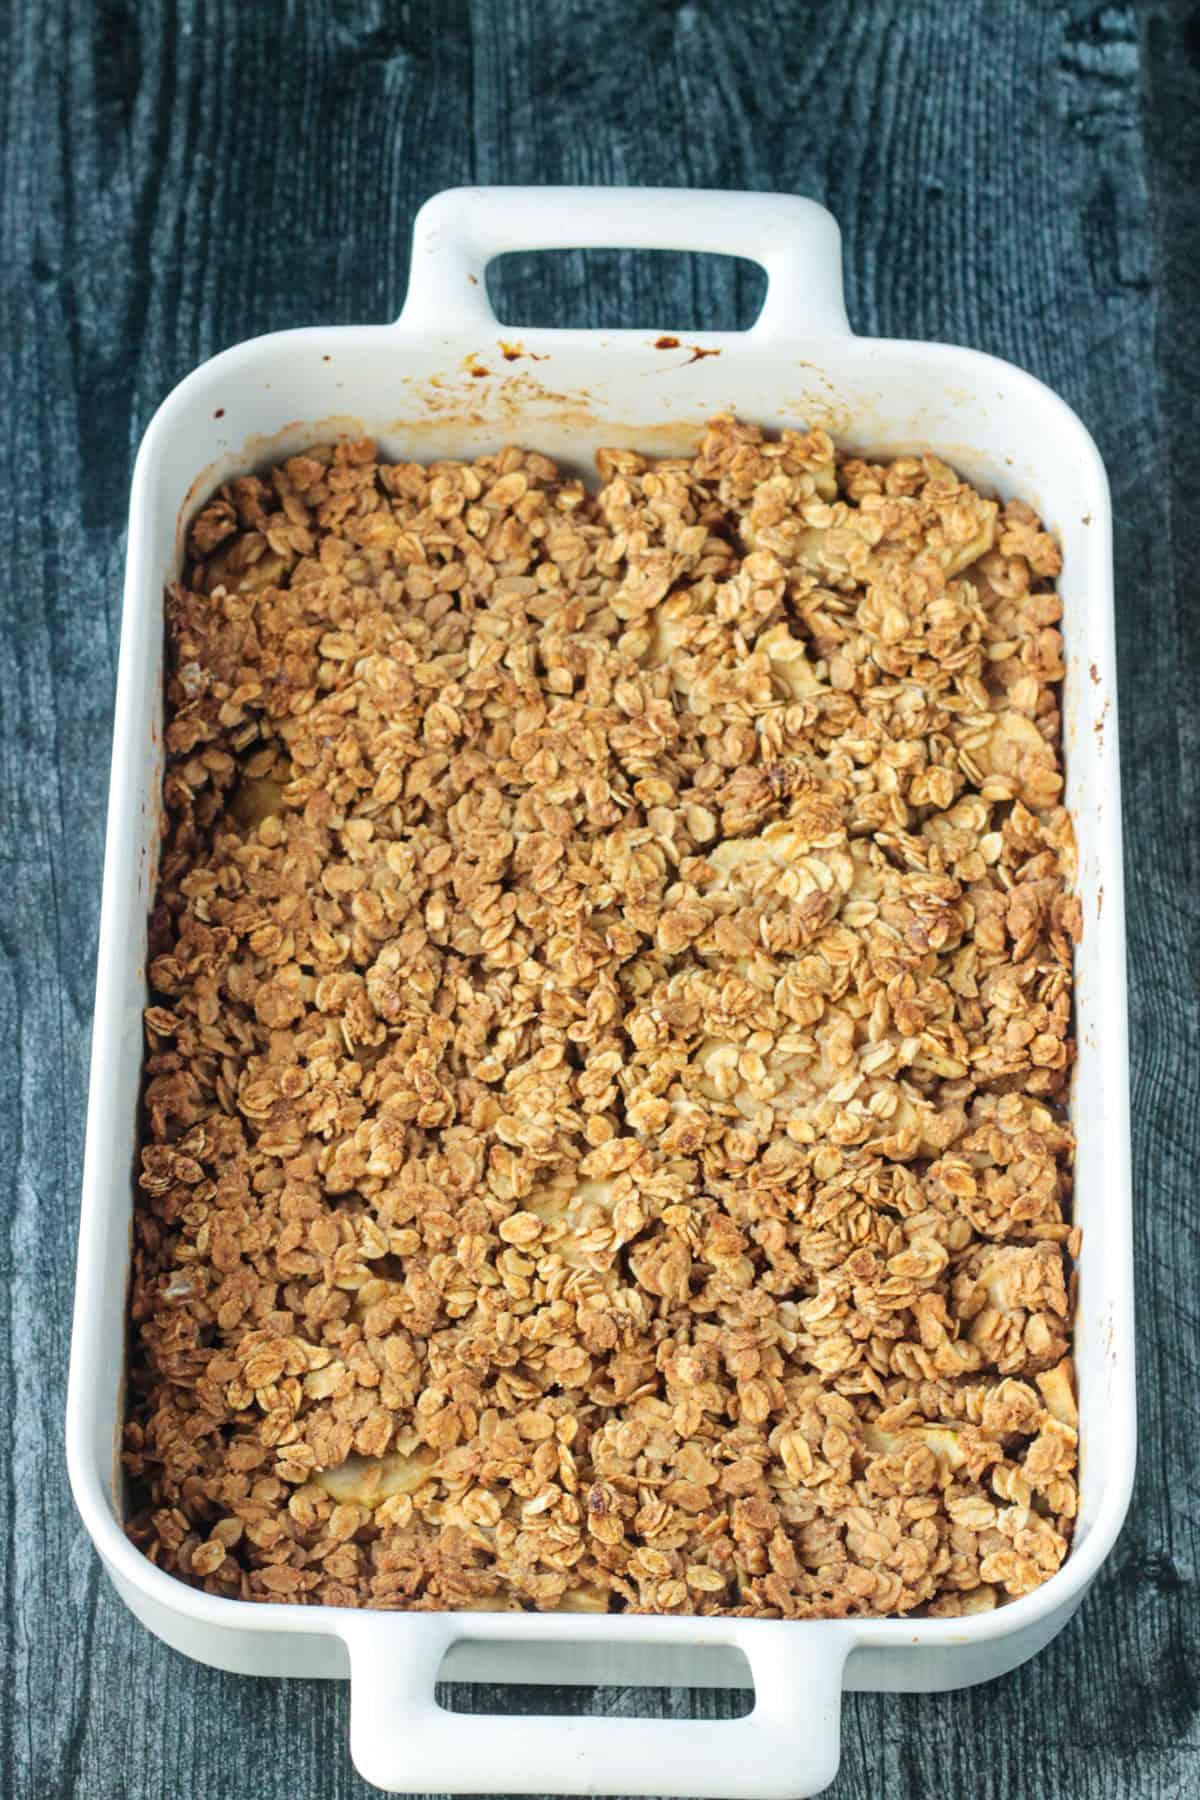 Finished dish - baking pan of baked vegan apple crisp.